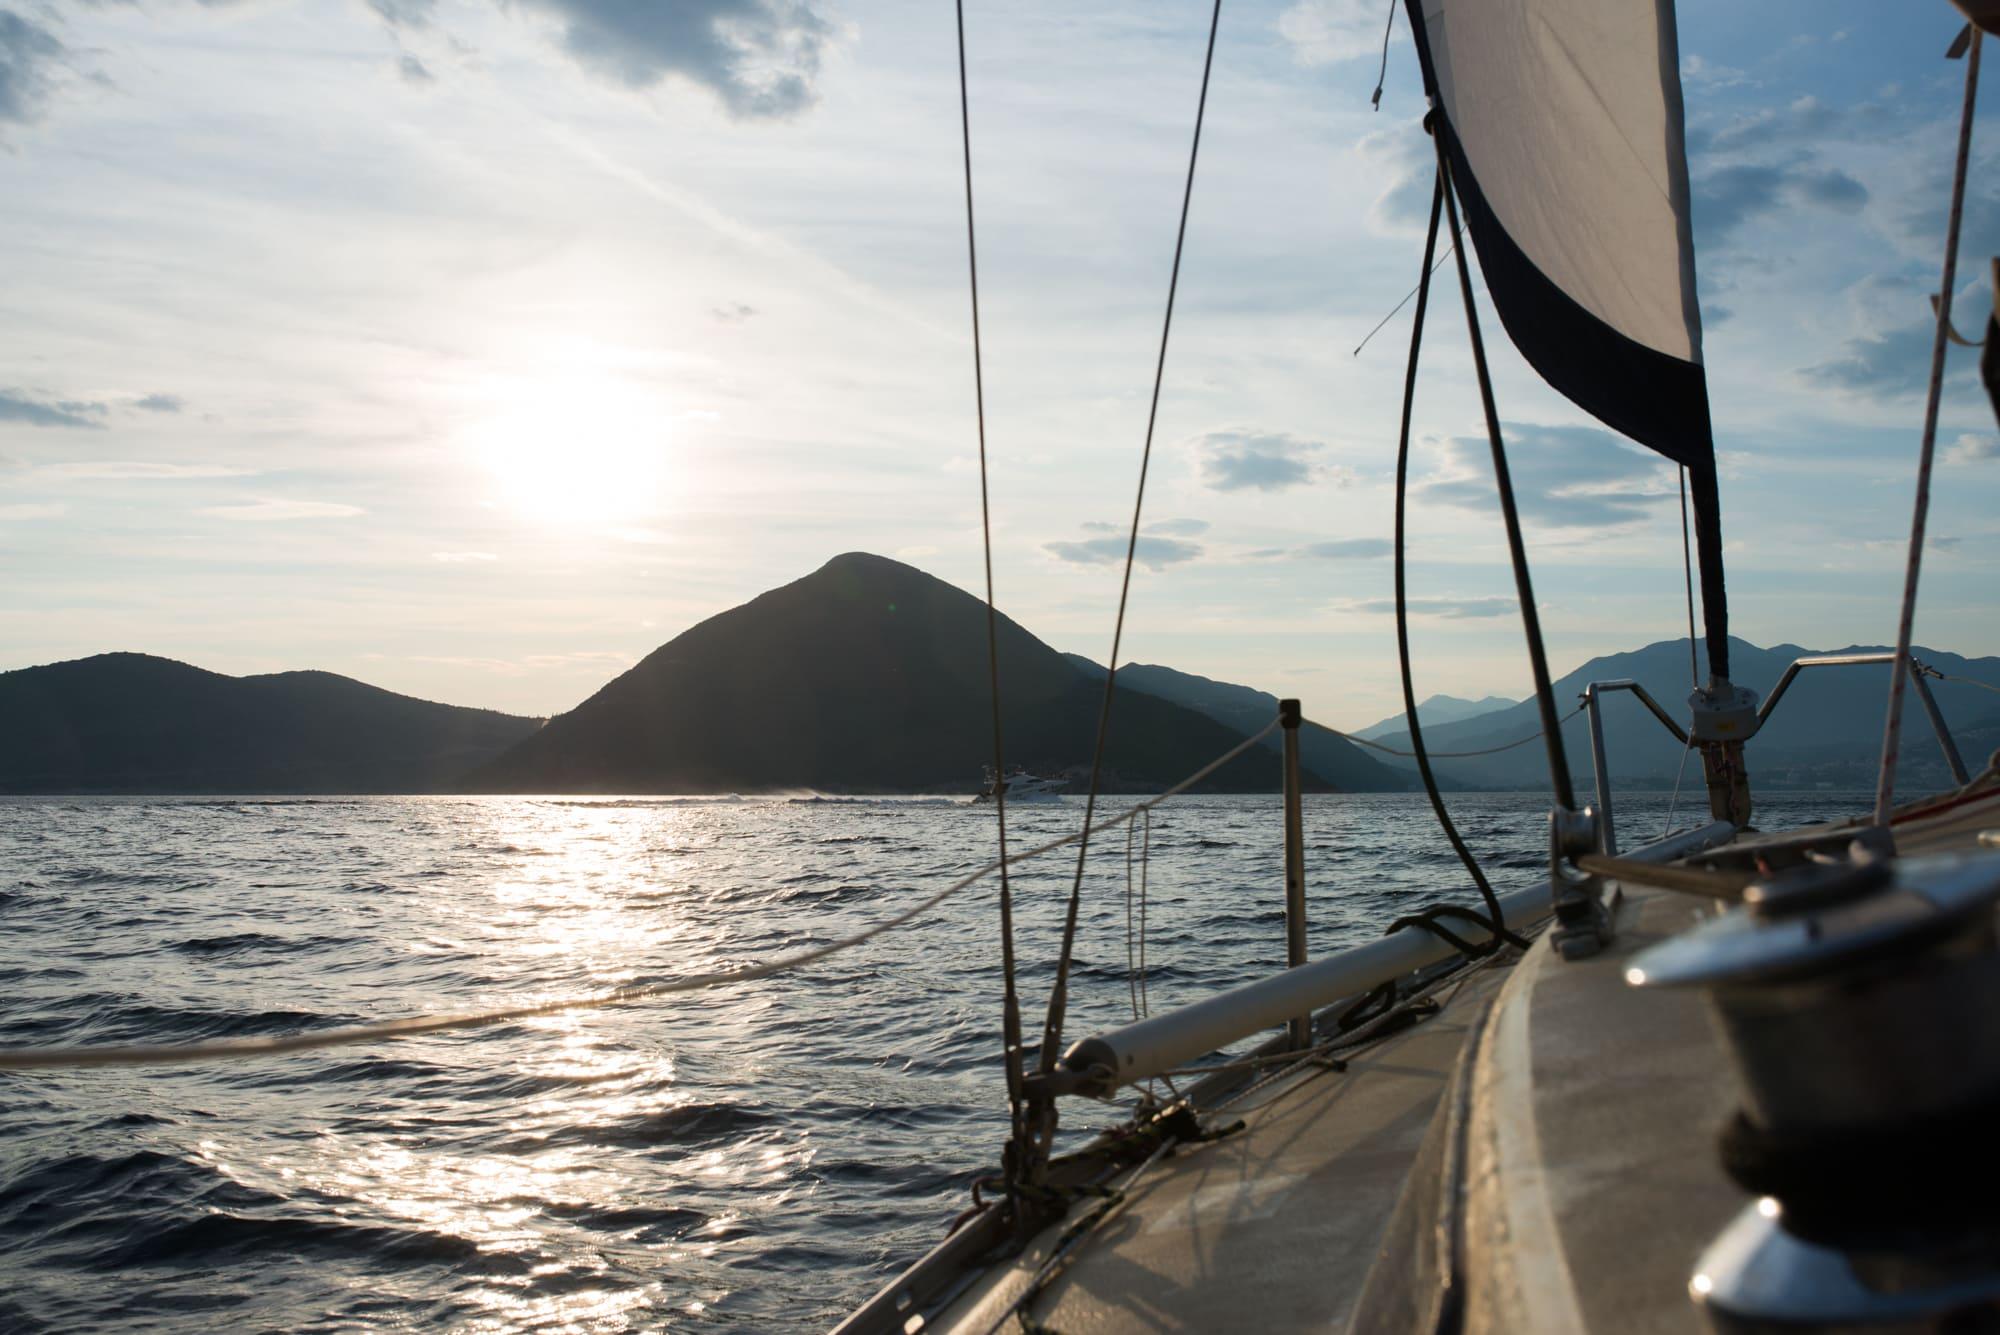 Ein Segelboot auf dem Meer bei Sonnenuntergang